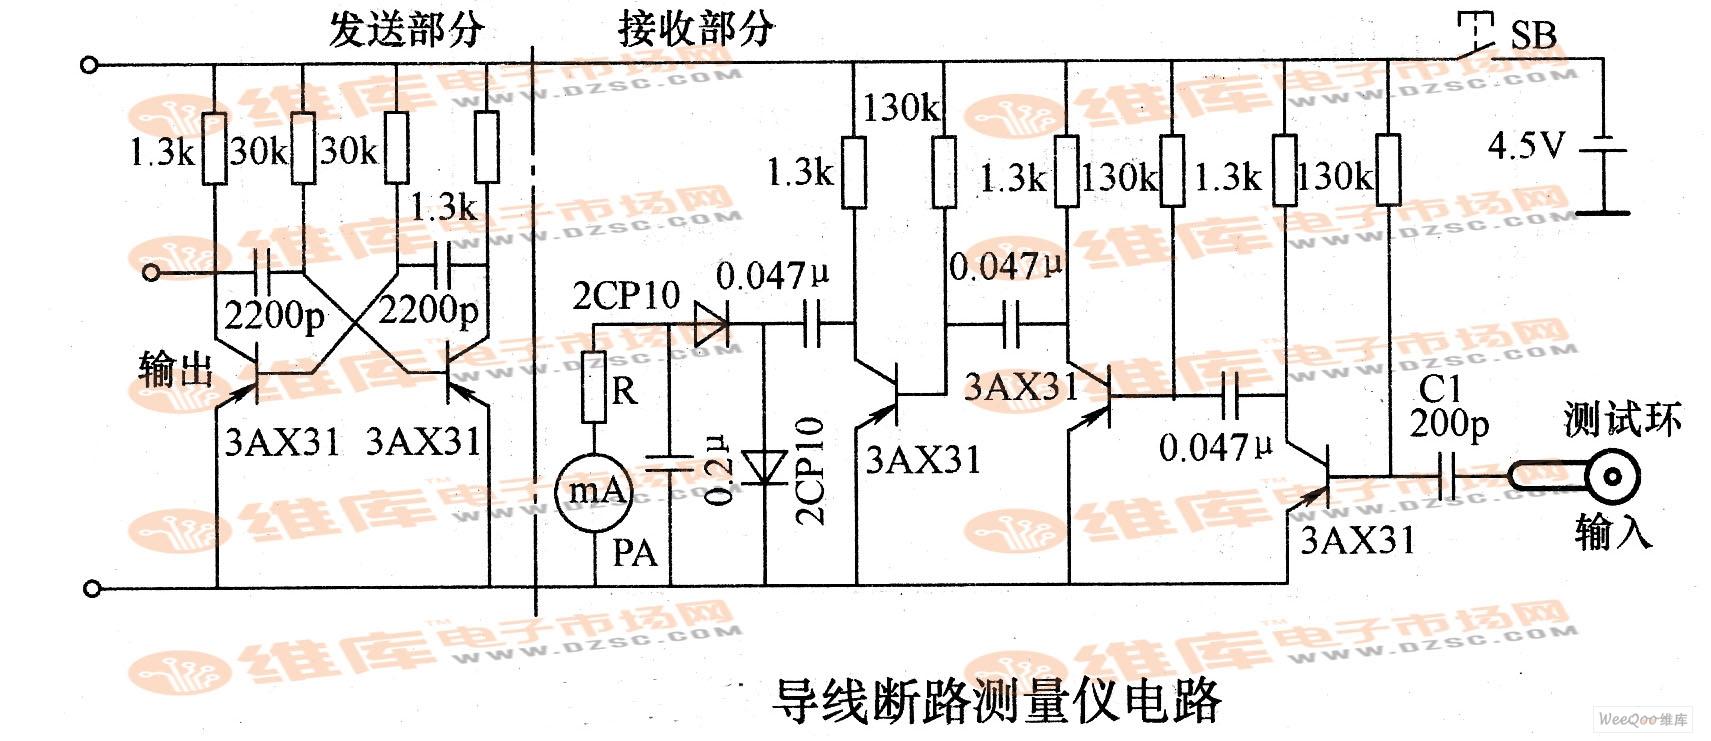 导线断路测量仪电路